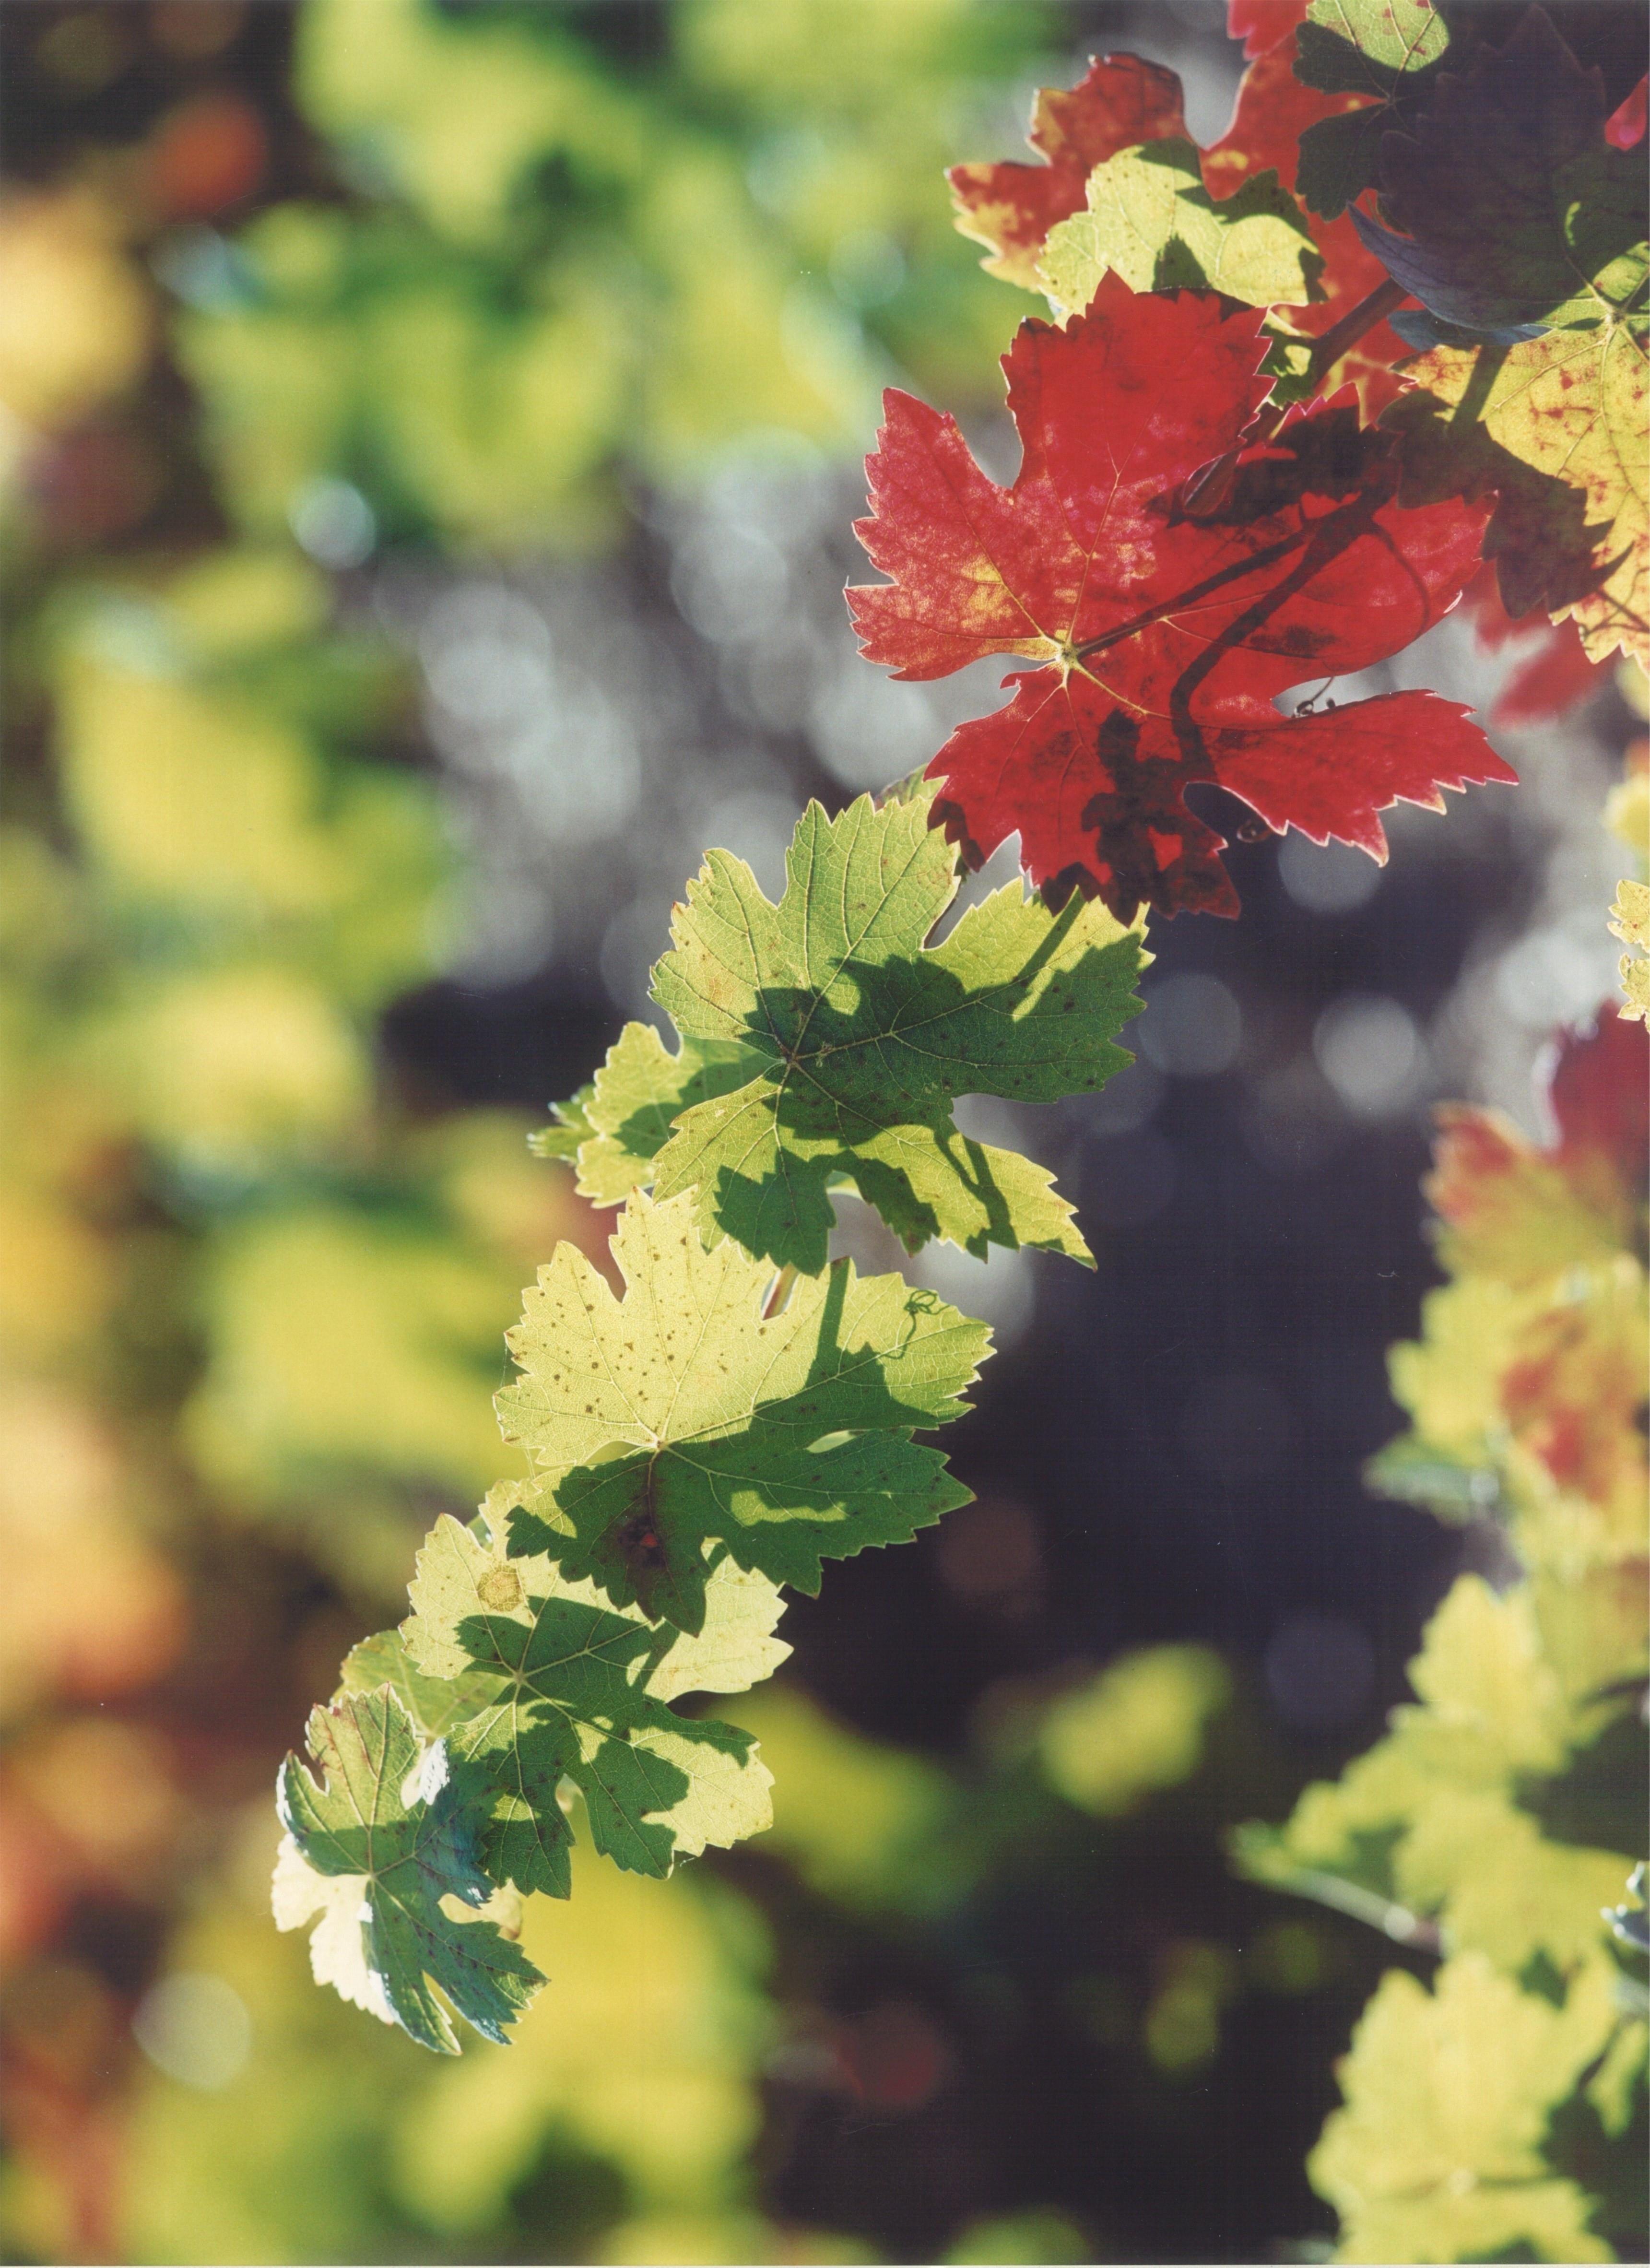 pámpana de vid en otoño